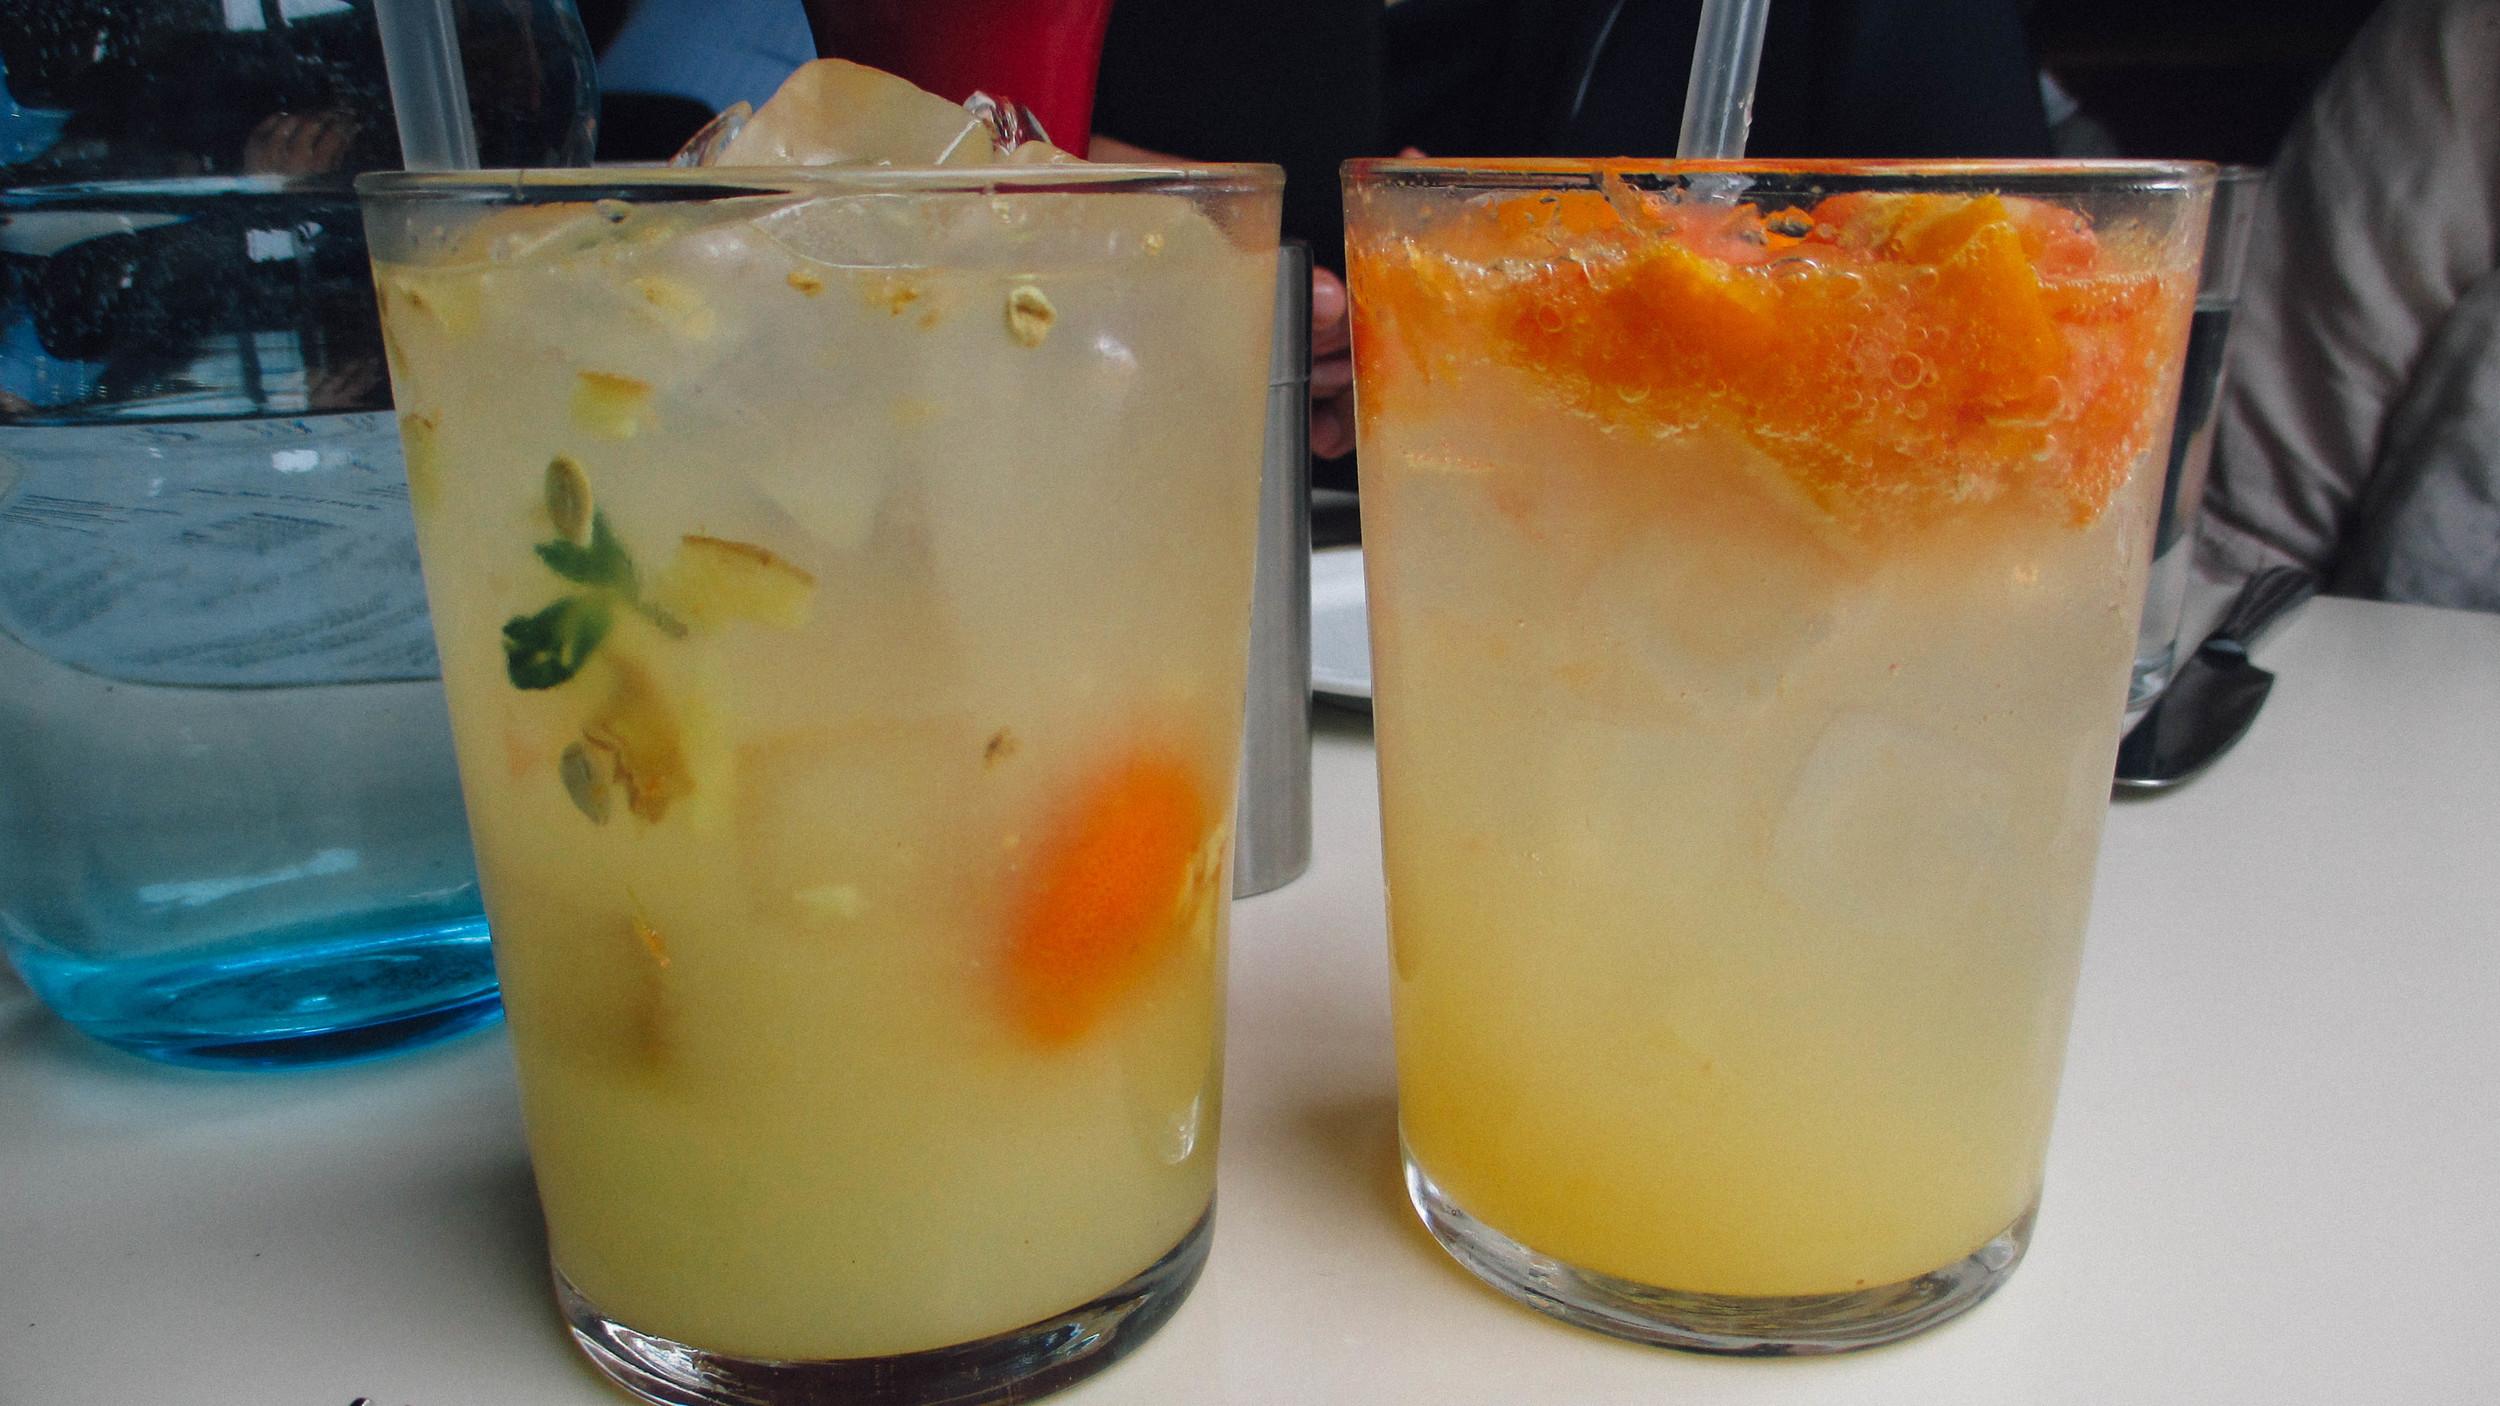 L: Kumquat Ginger Lemonade, R: Orange Refresher